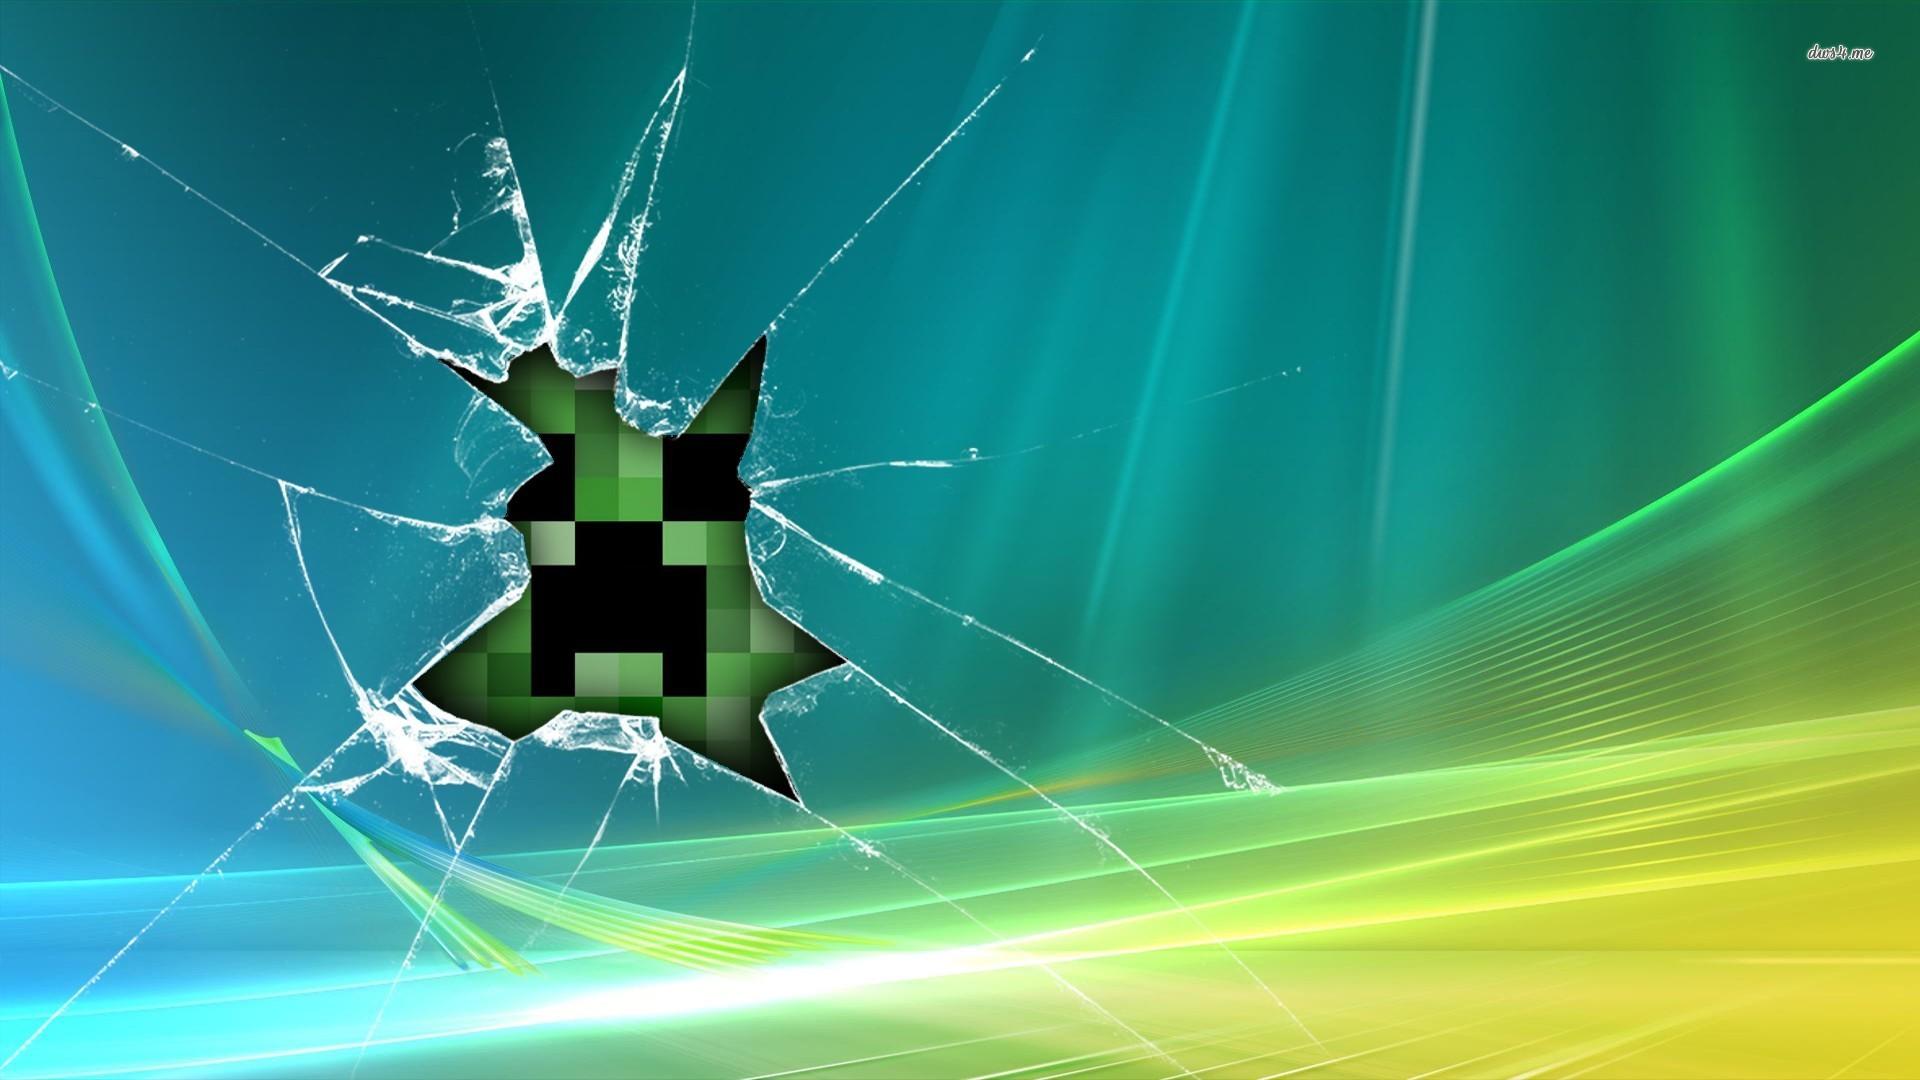 Creeper behind broken glass wallpaper   773848 1920x1080